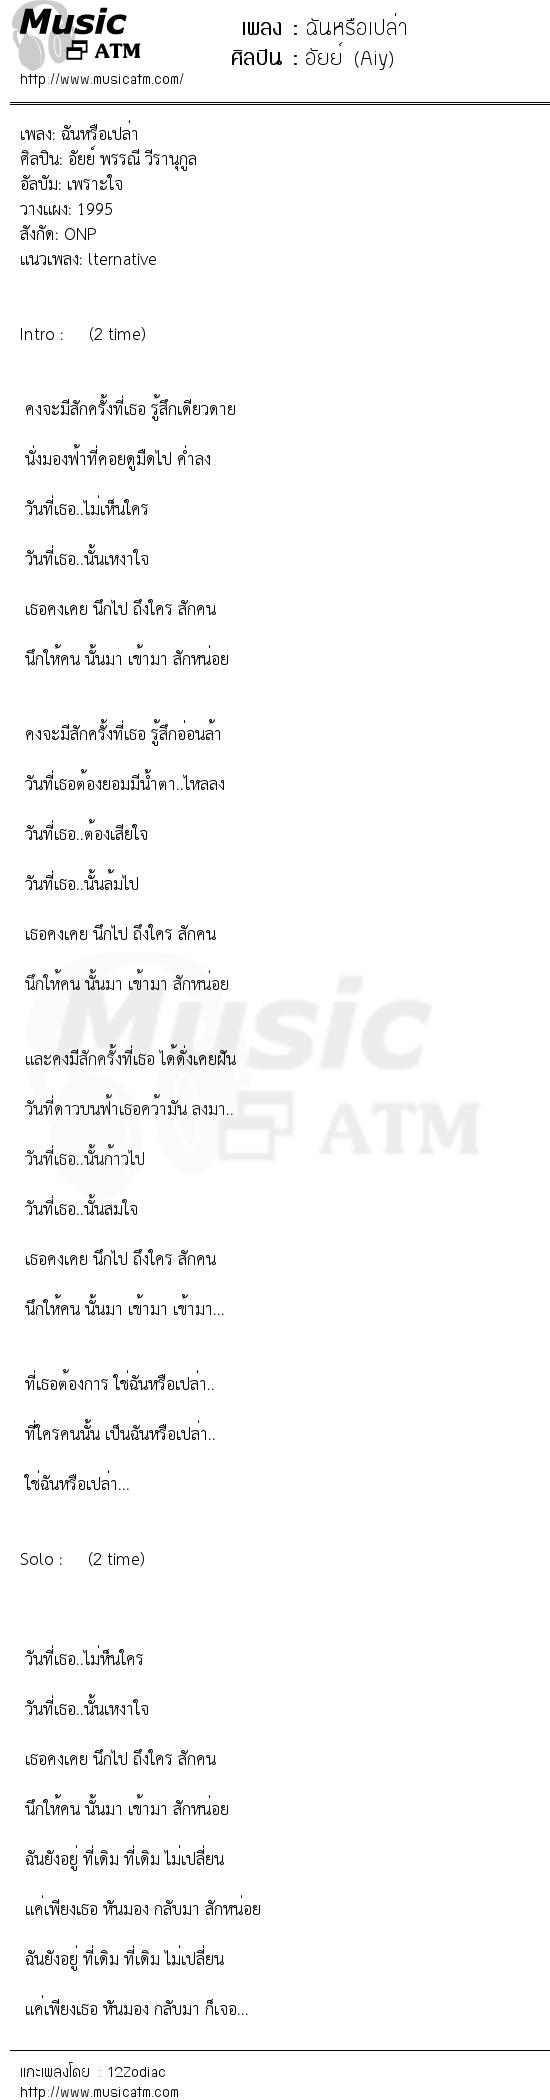 เนื้อเพลง ฉันหรือเปล่า - อัยย์ (Aiy)   เพลงไทย